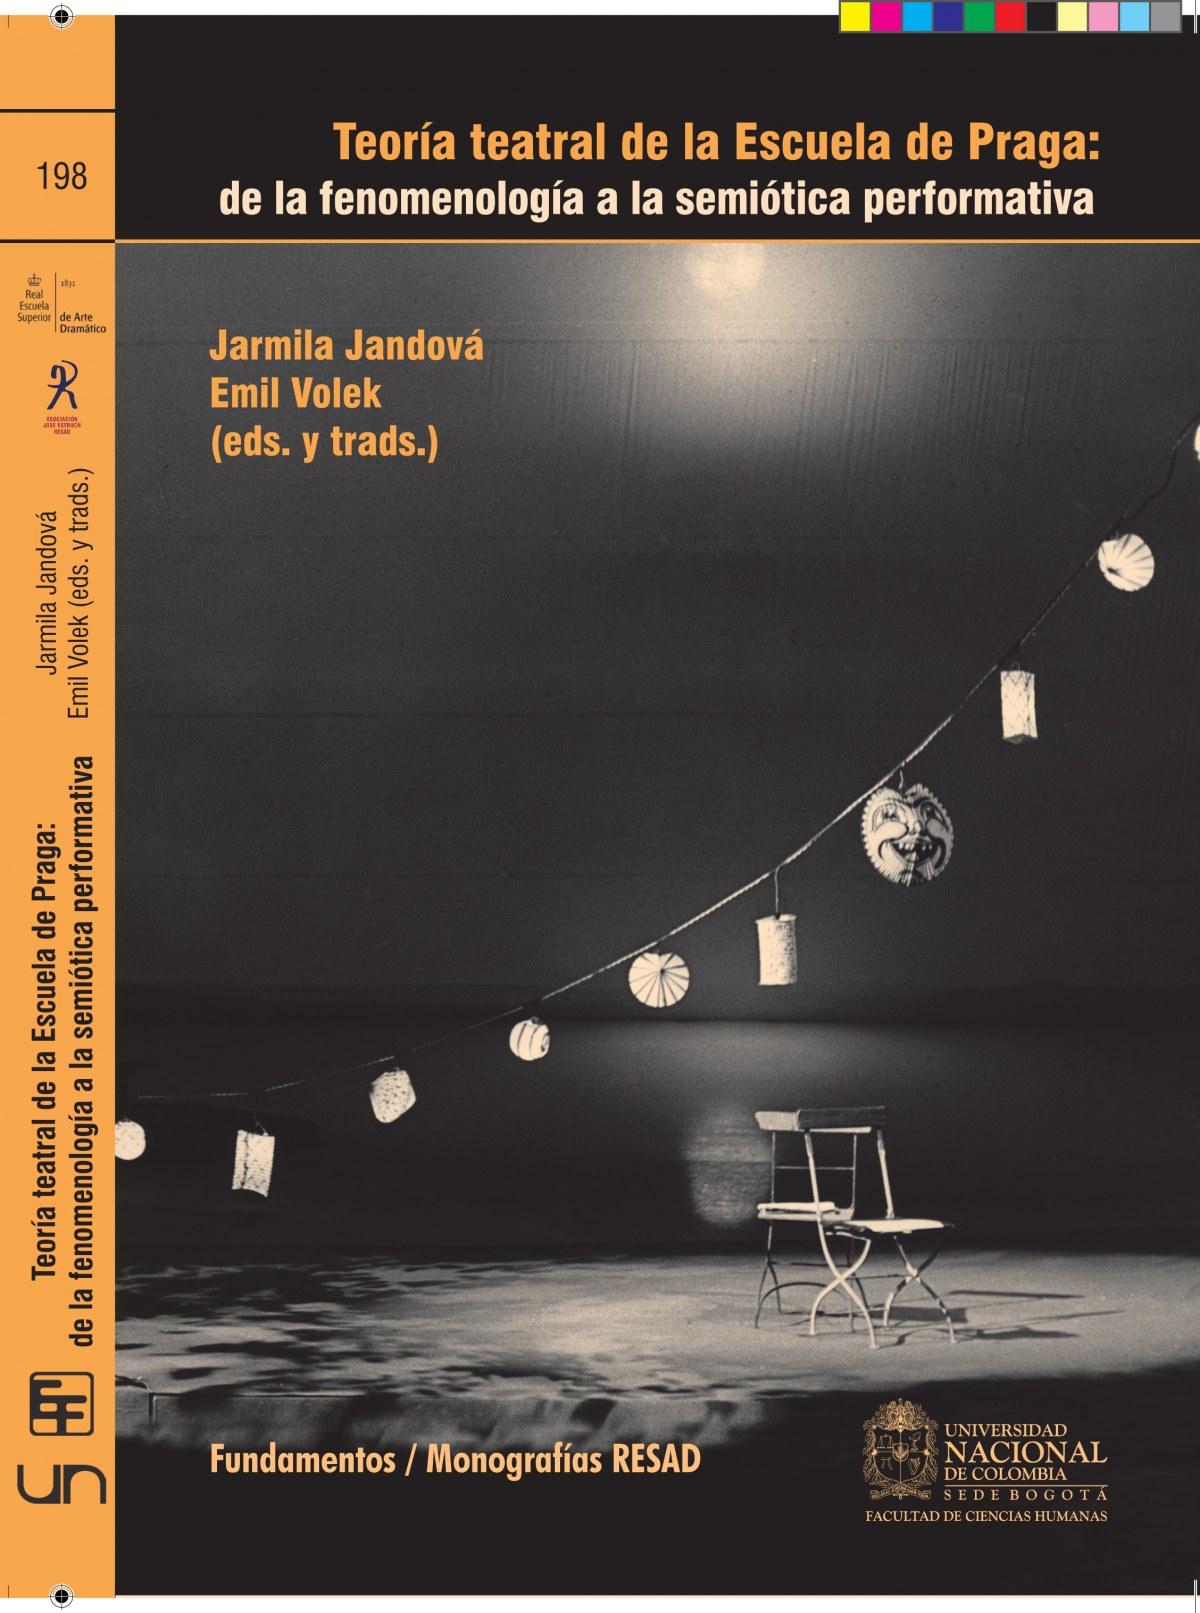 Teoría teatral de la Escuela de Praga